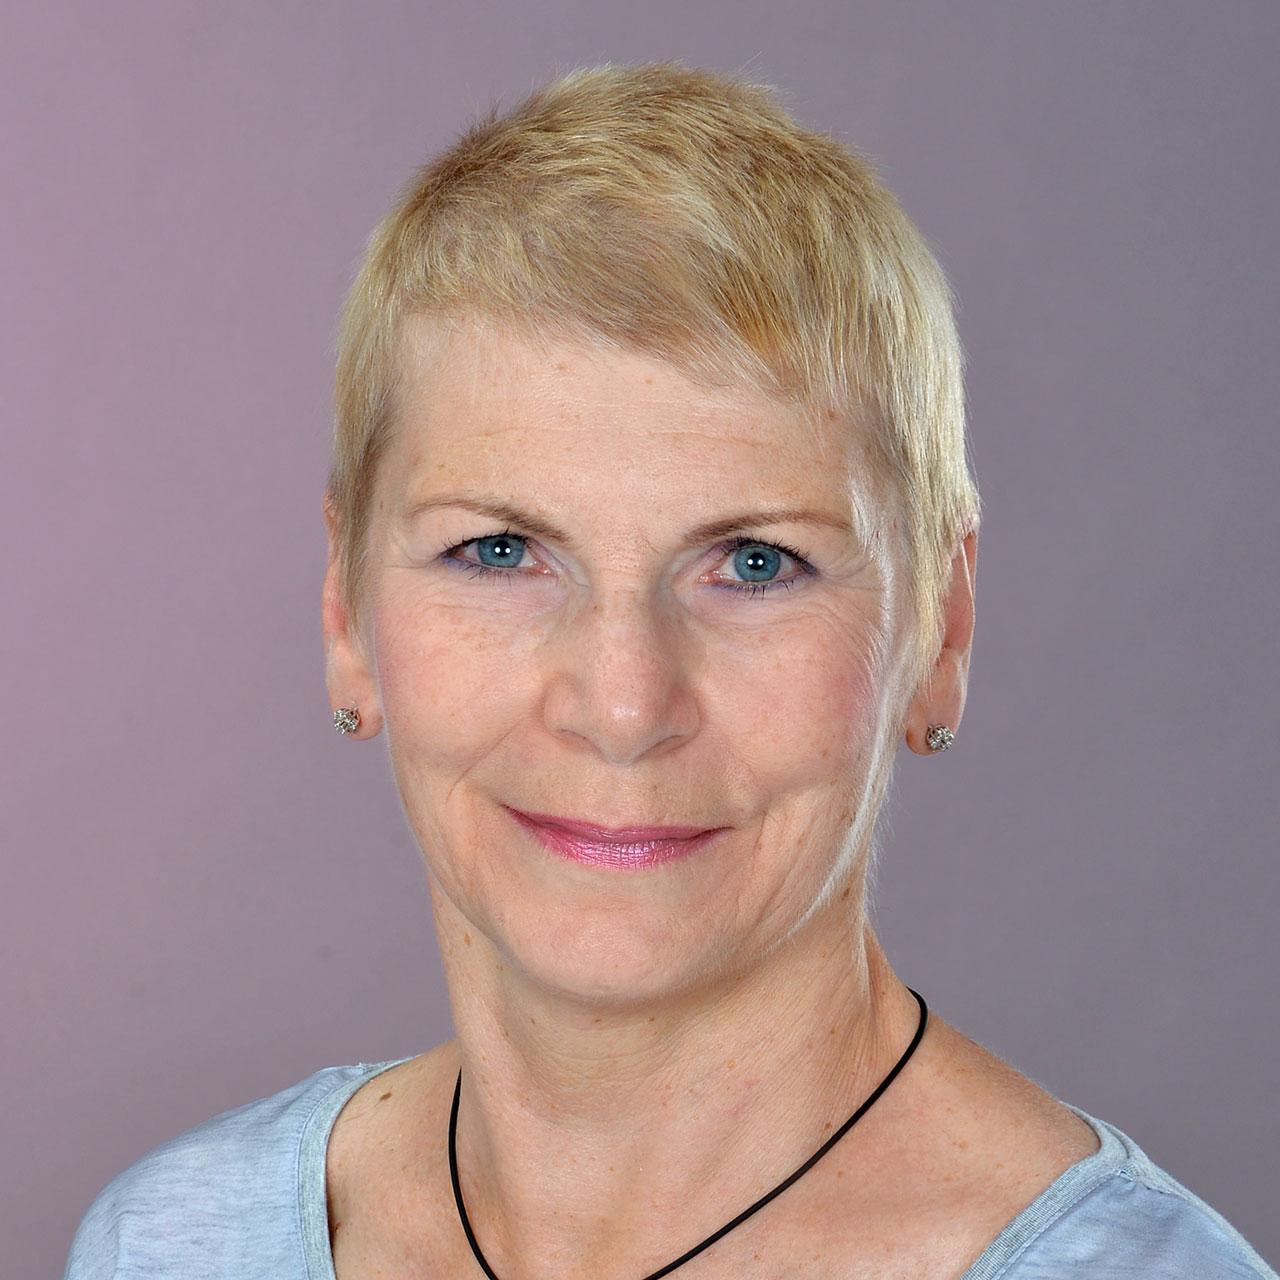 Roswitha Strauss ist staatlich anerkannte Kosmetikerin und Ernährungsberaterin